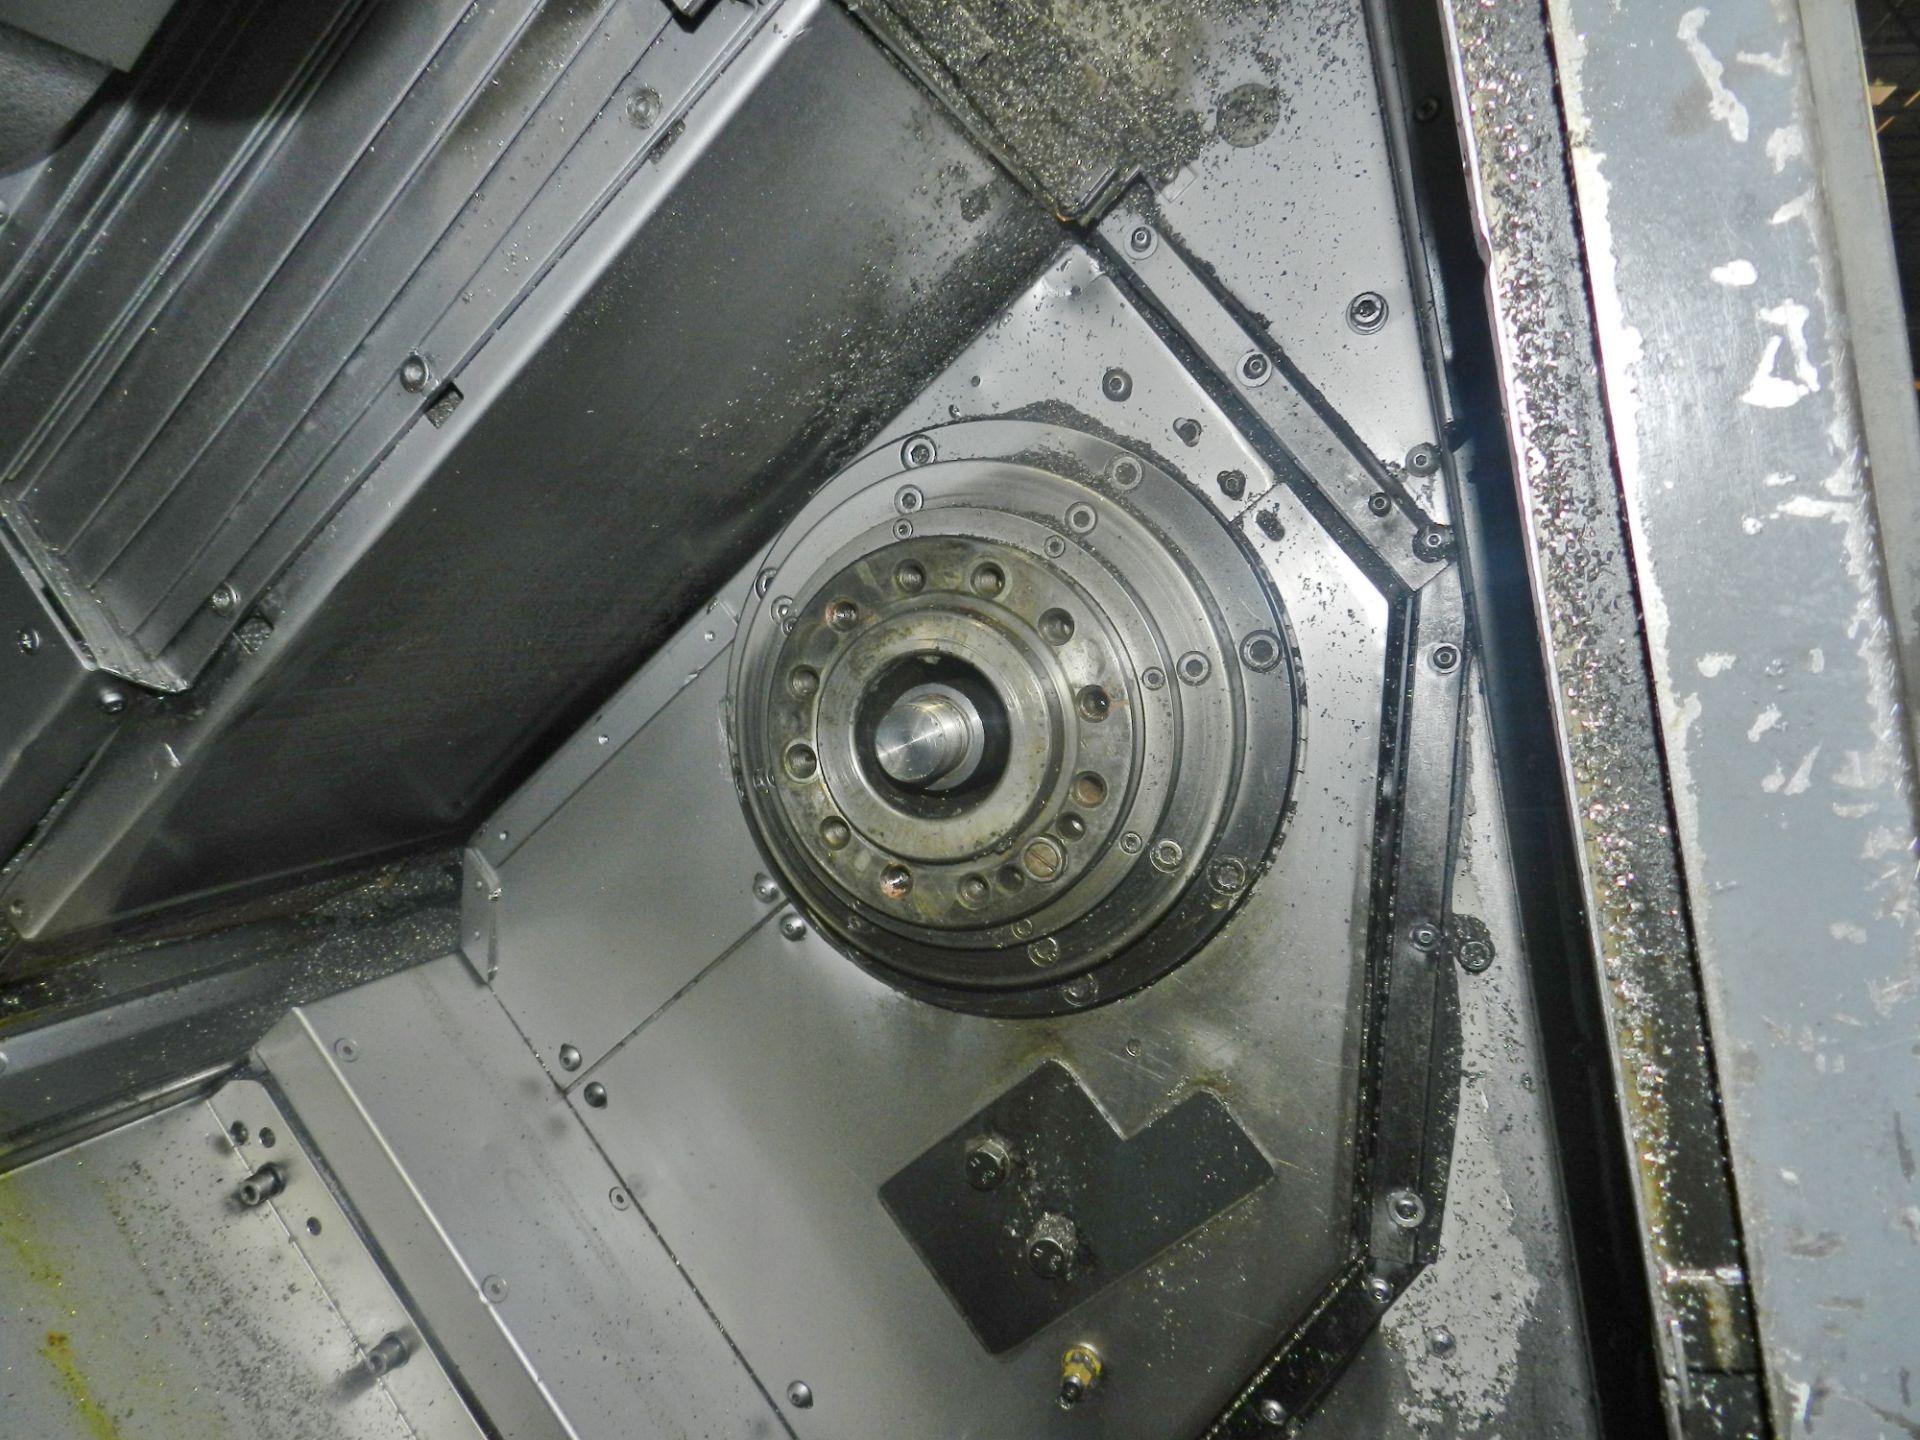 Lot 33 - Mori Seiki DL-20 CNC Lathe